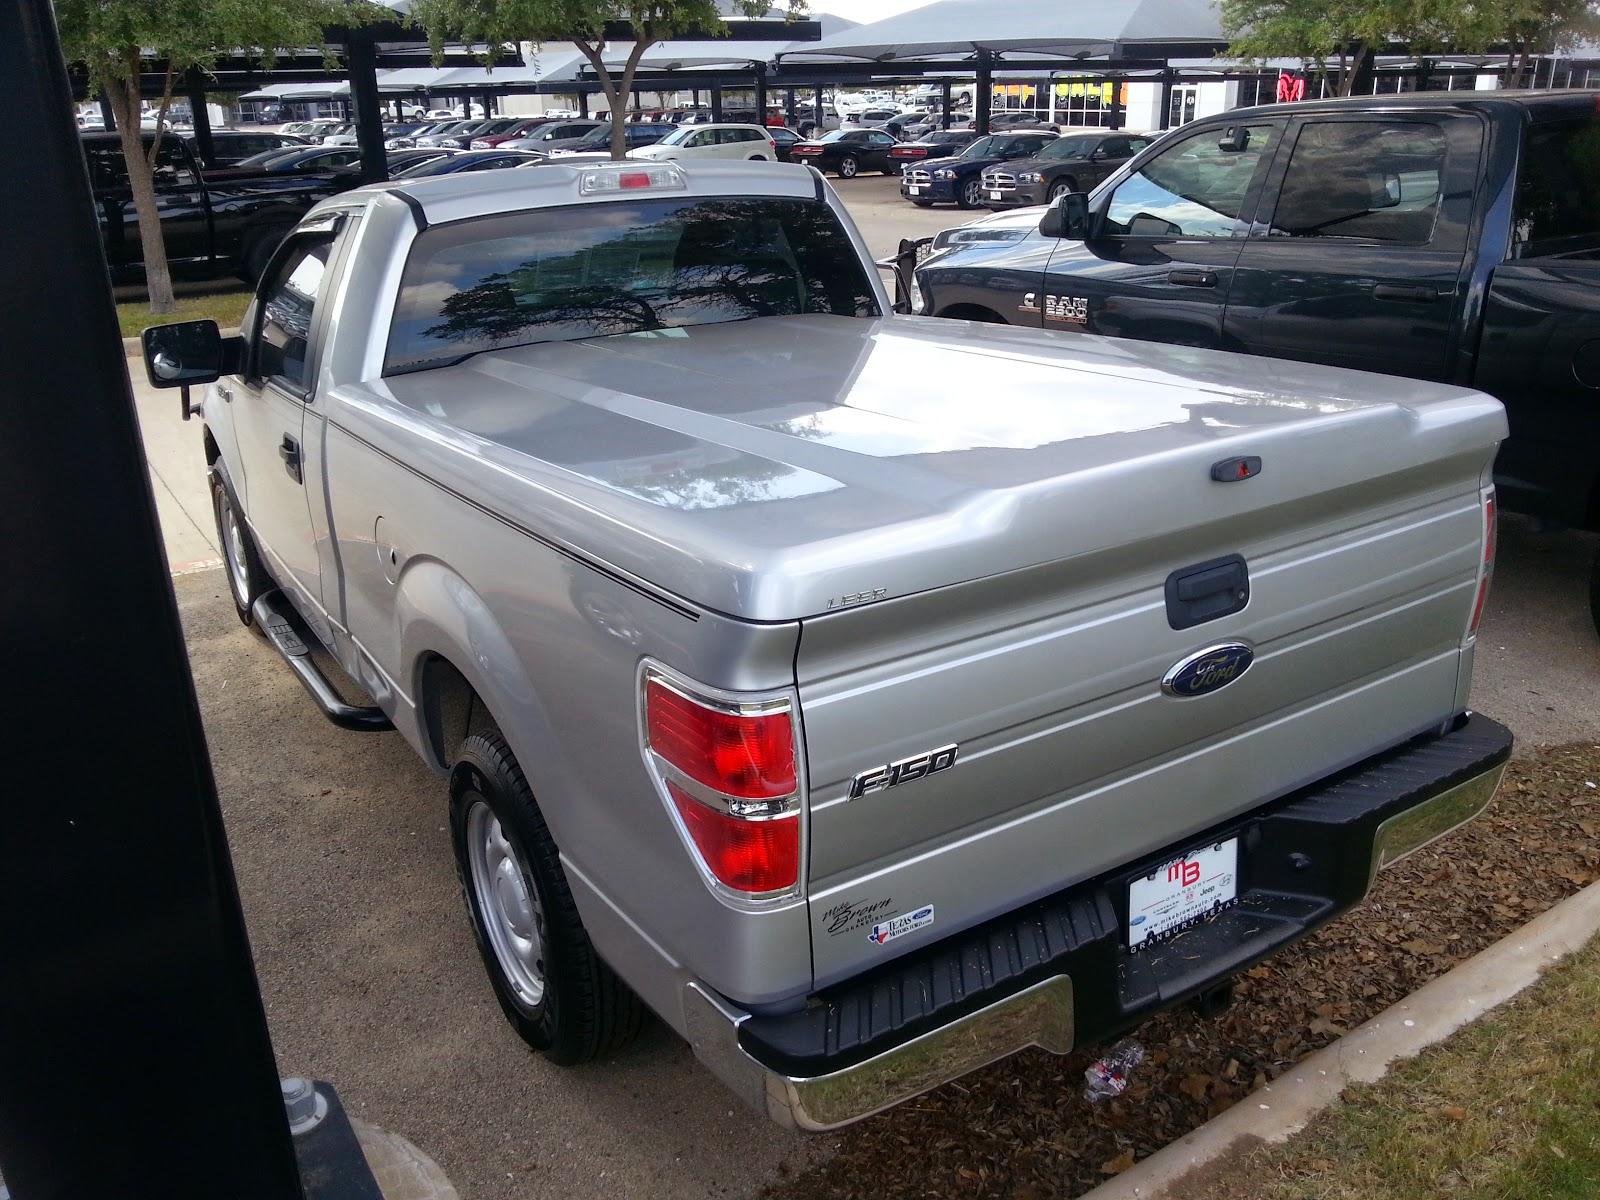 for sale 15 991 silver 2010 ford f 150 truck regular cab v8 images frompo. Black Bedroom Furniture Sets. Home Design Ideas